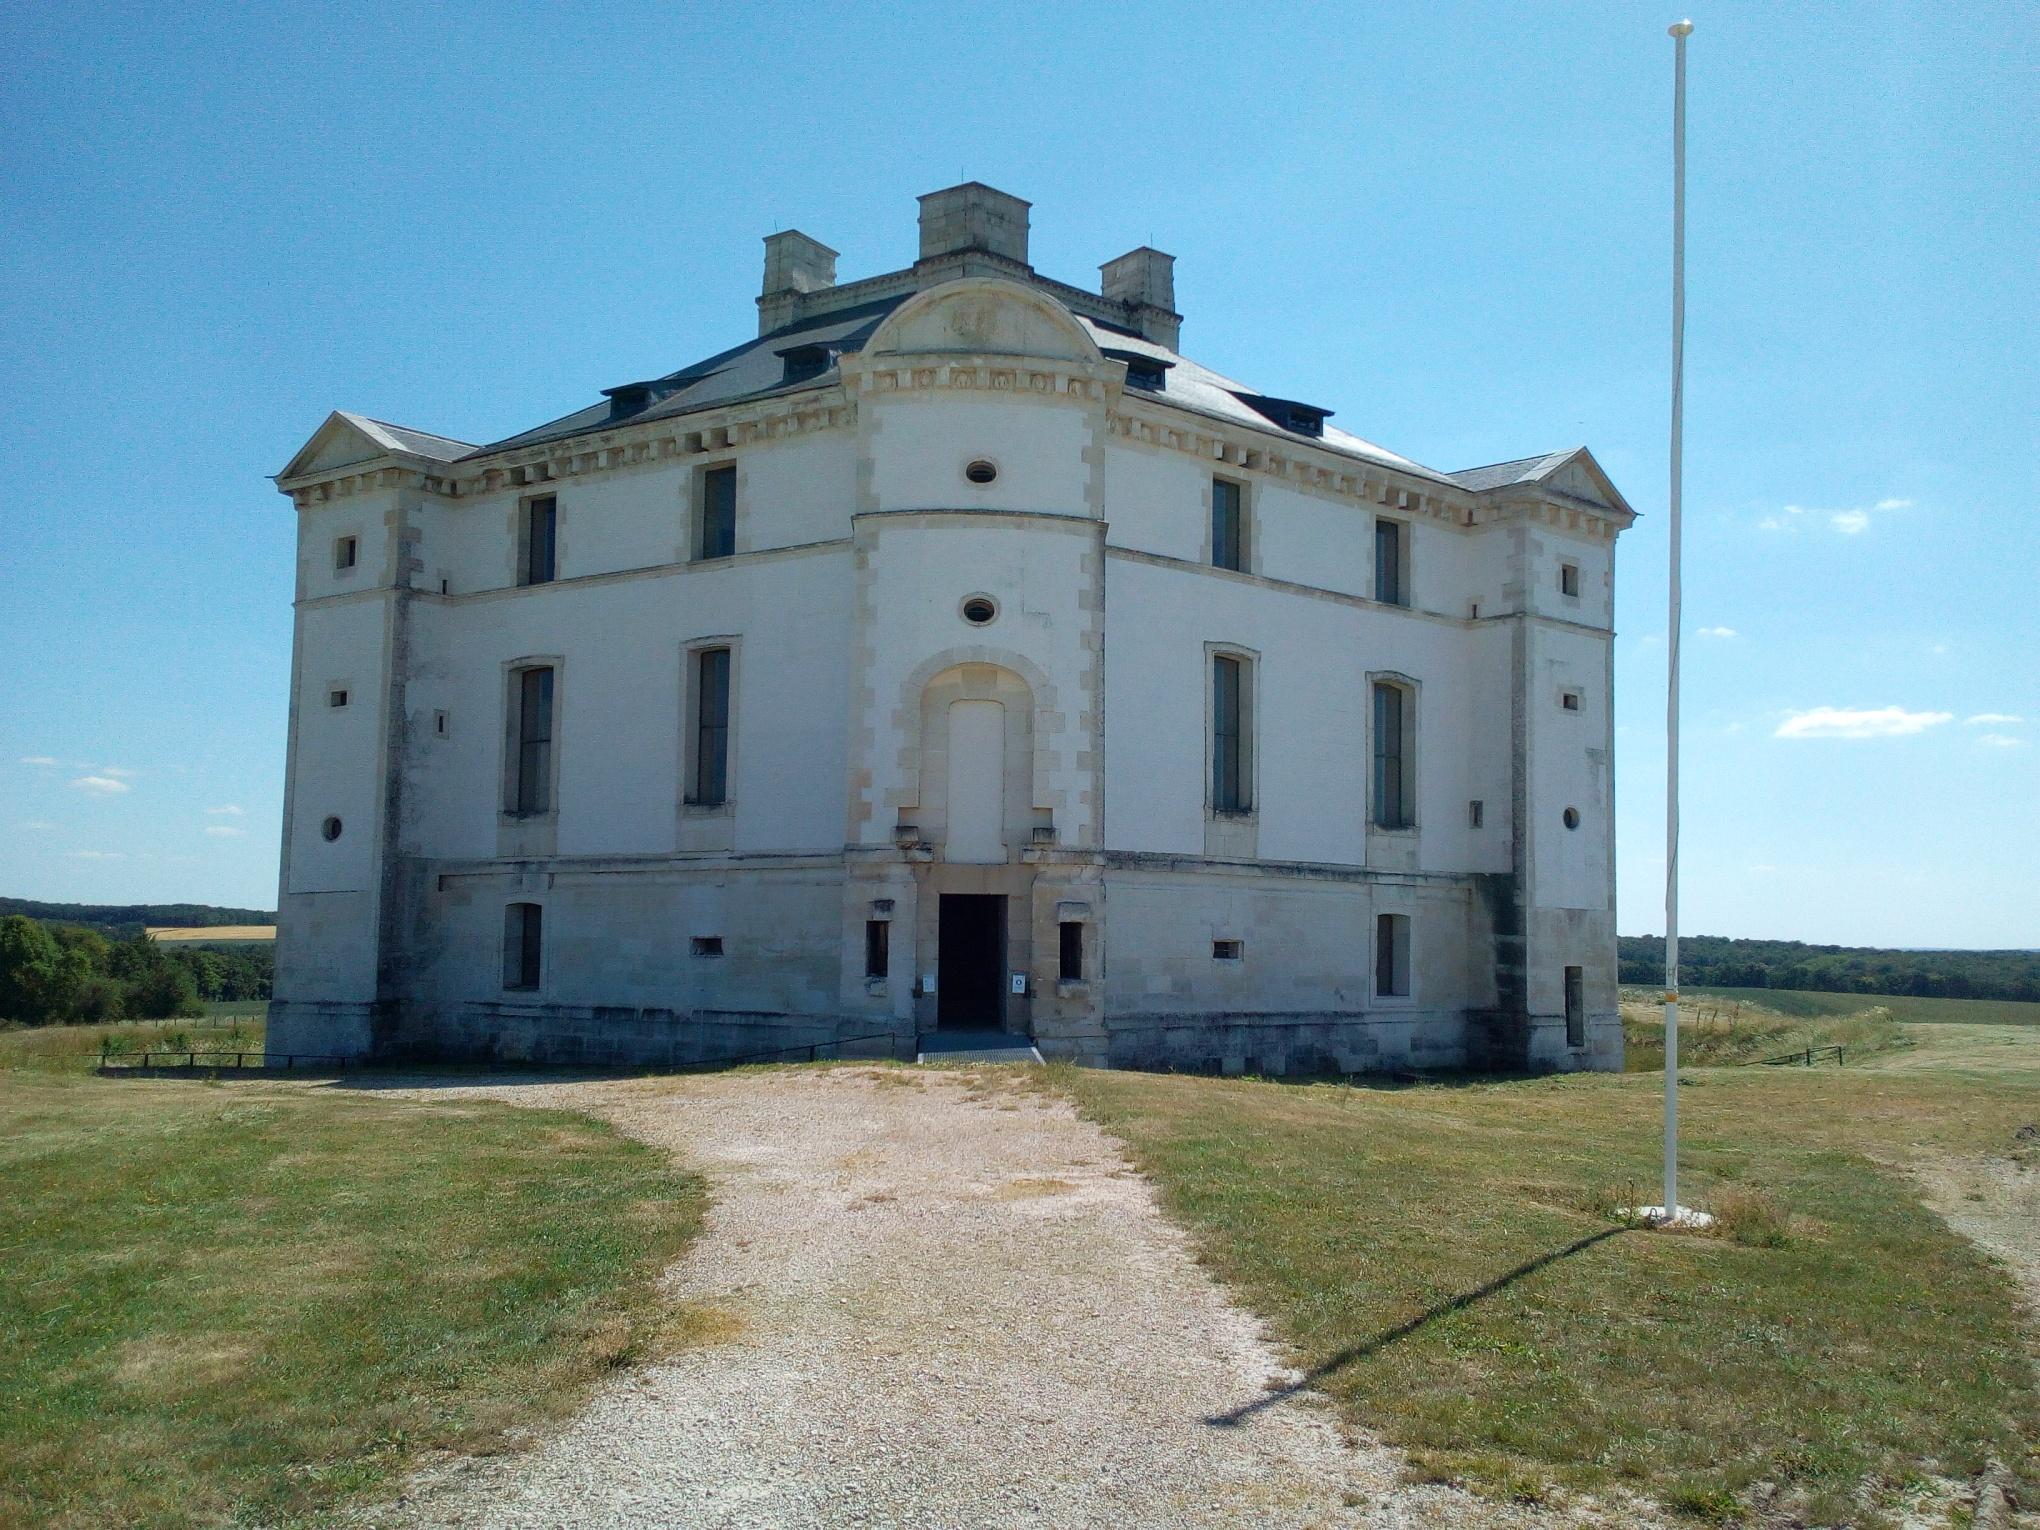 Château de Maulnes à Cruzy-le-Châtel (Yonne)